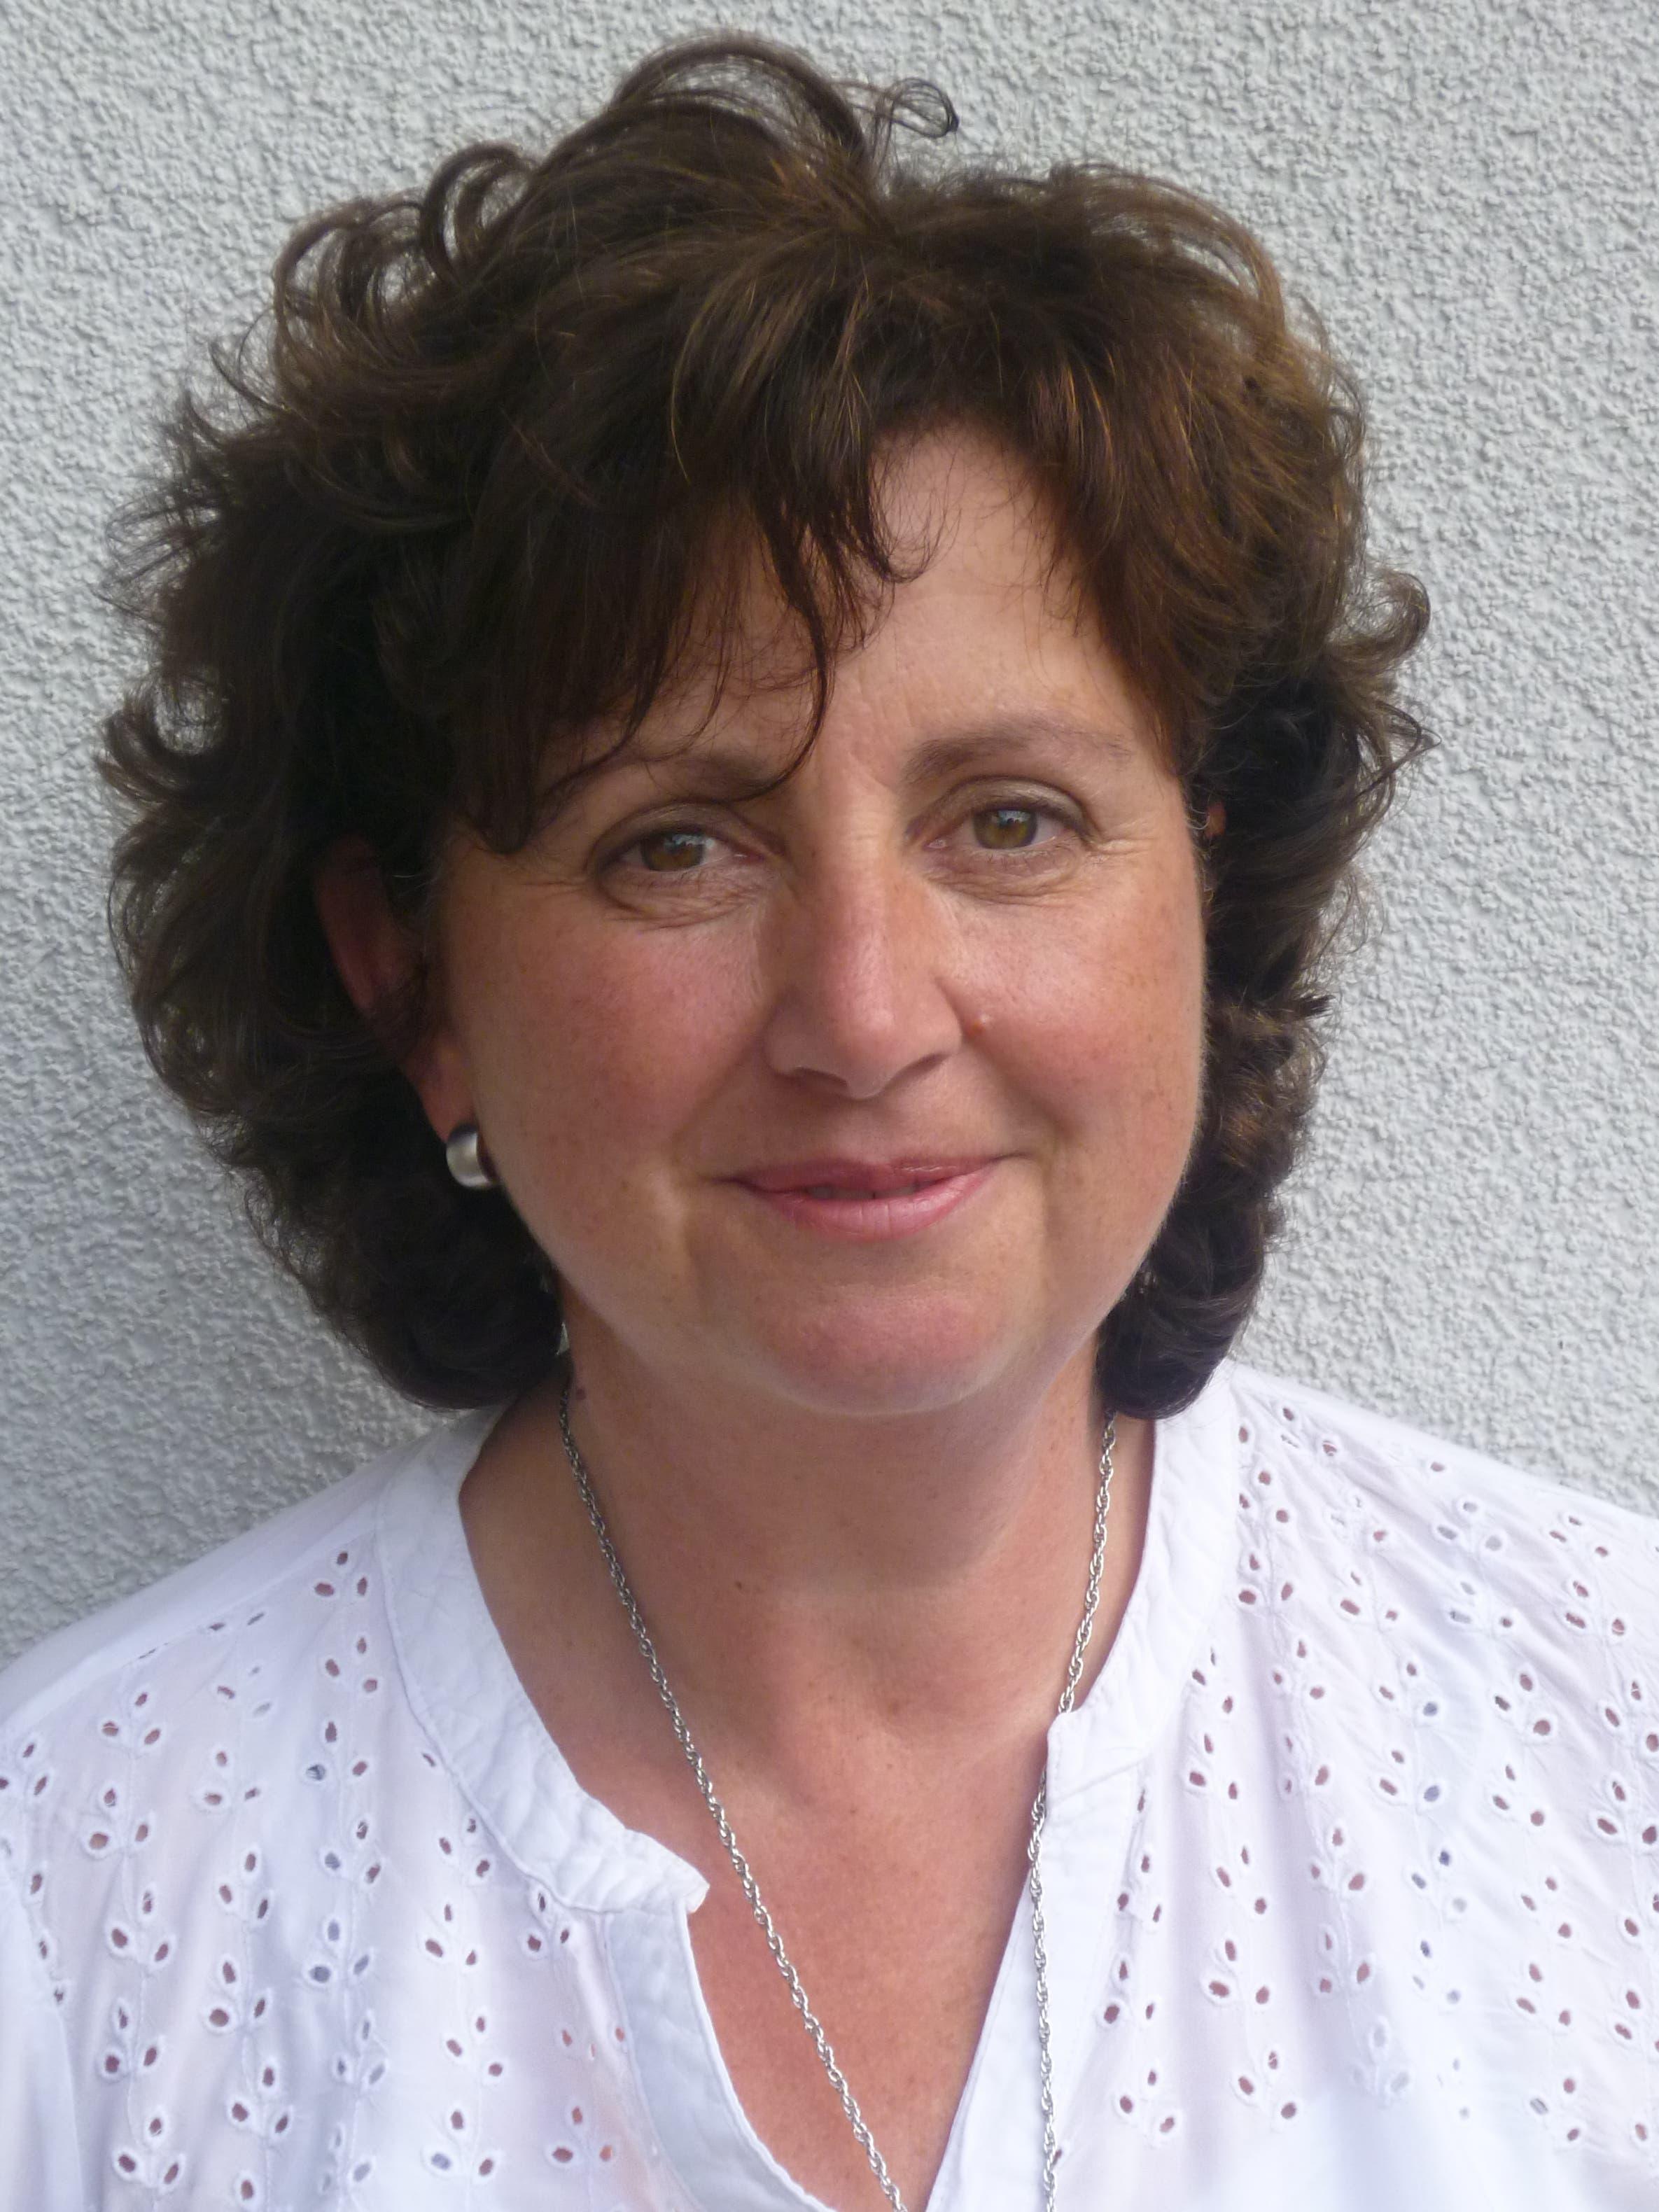 Gewählt: Claudia Bernet-Bättig, CVP (bisher)